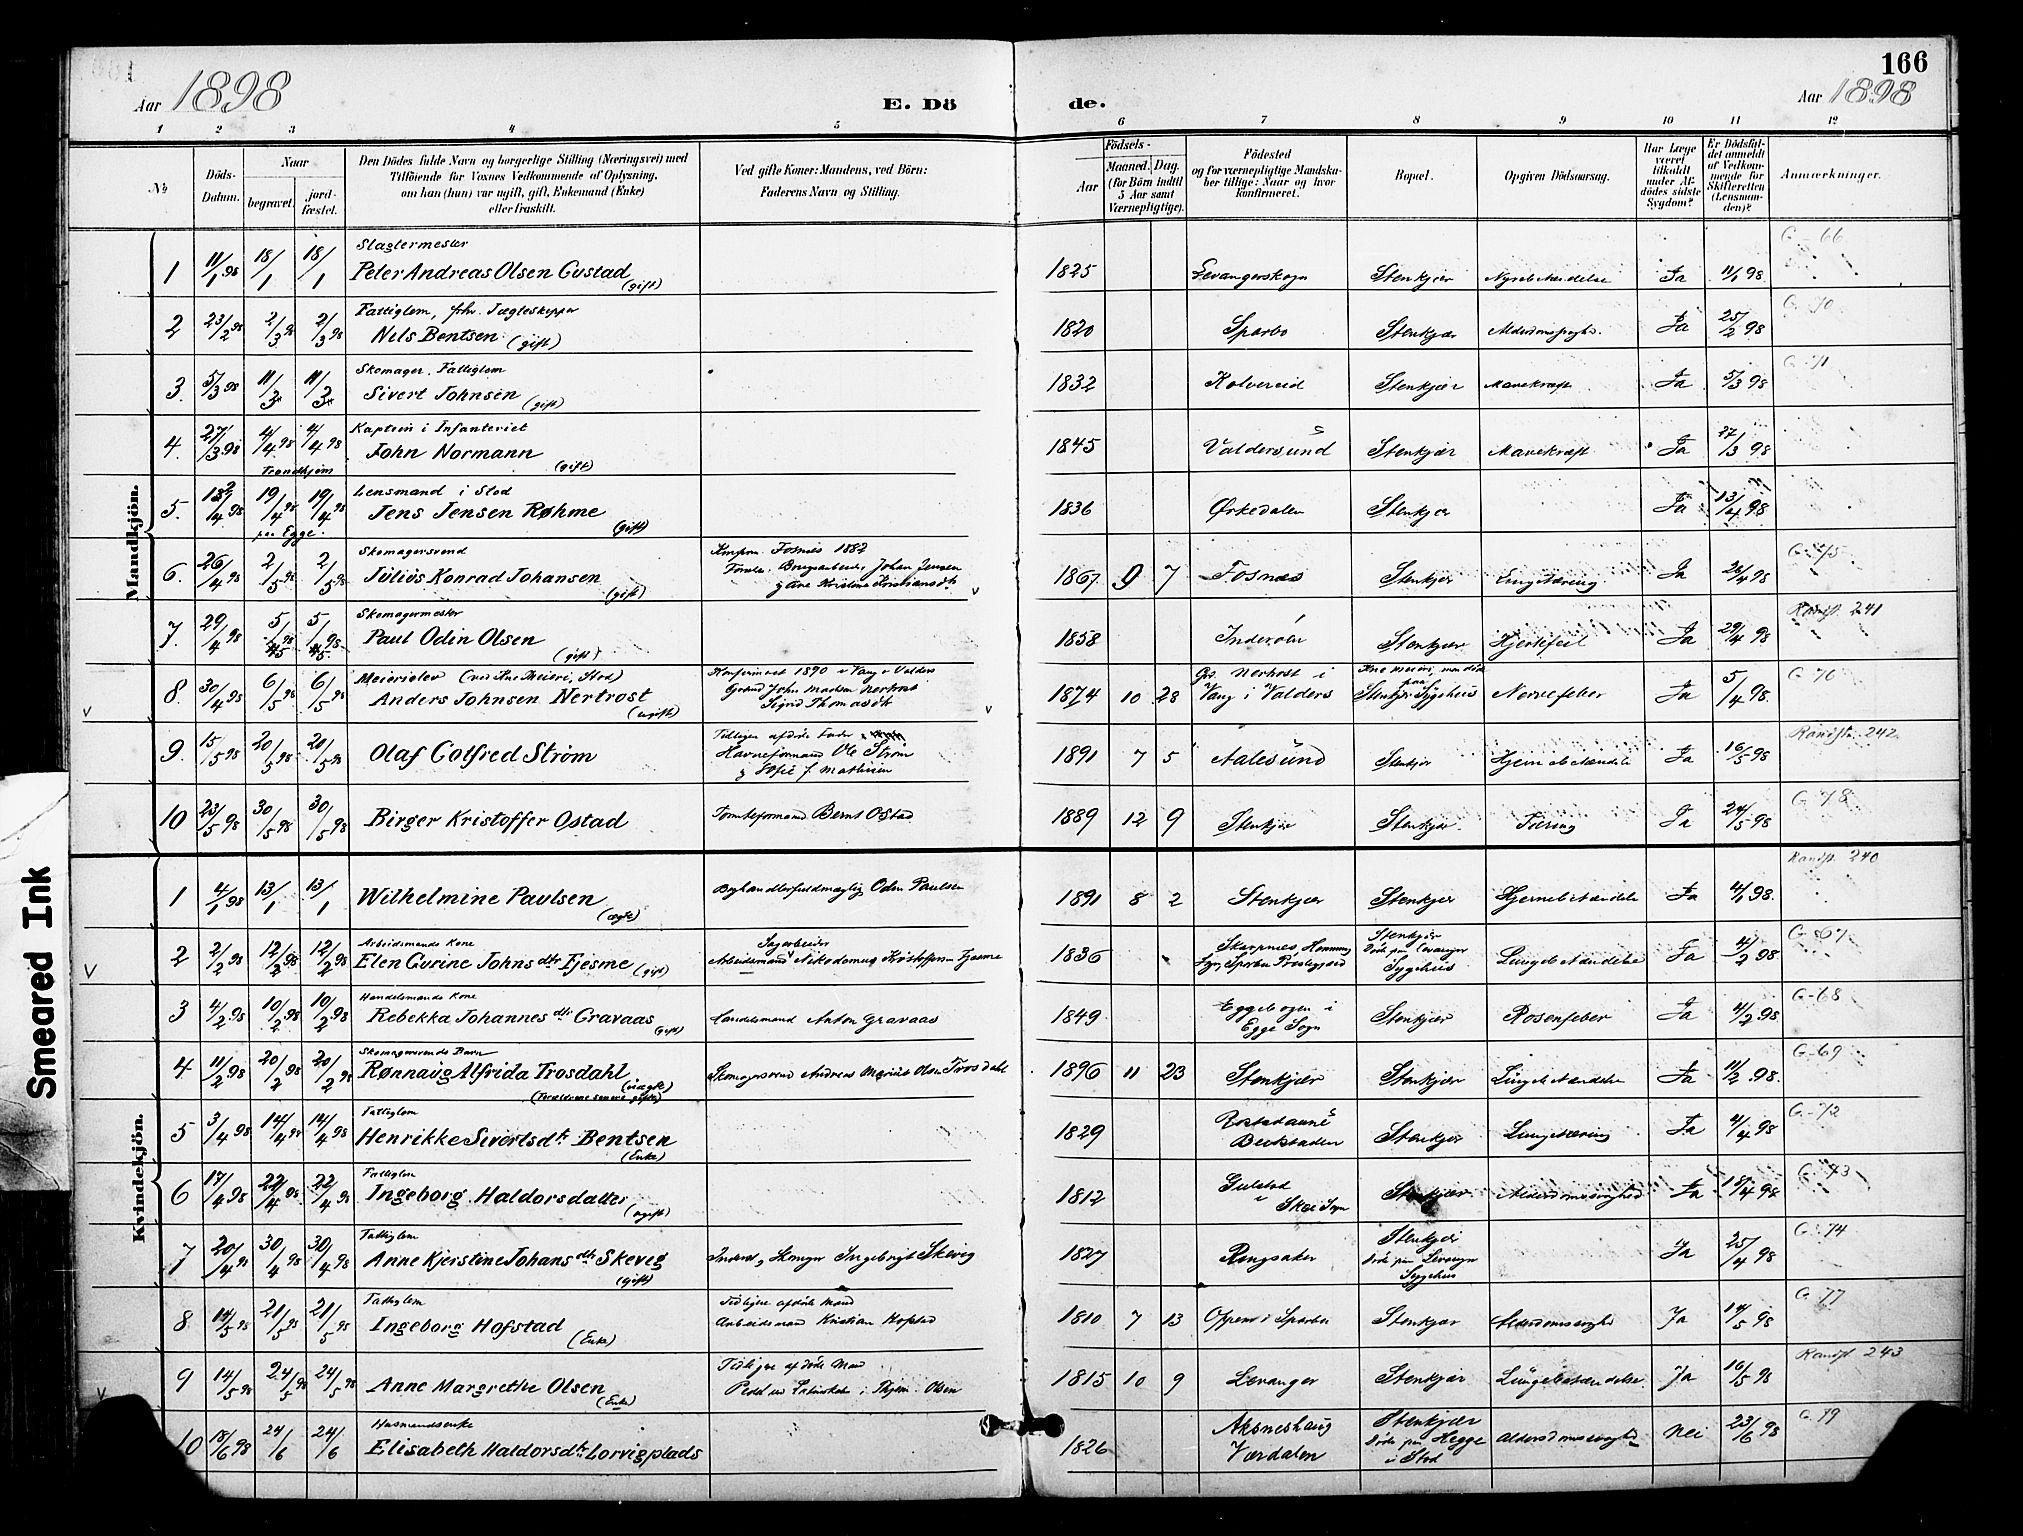 SAT, Ministerialprotokoller, klokkerbøker og fødselsregistre - Nord-Trøndelag, 739/L0372: Ministerialbok nr. 739A04, 1895-1903, s. 166